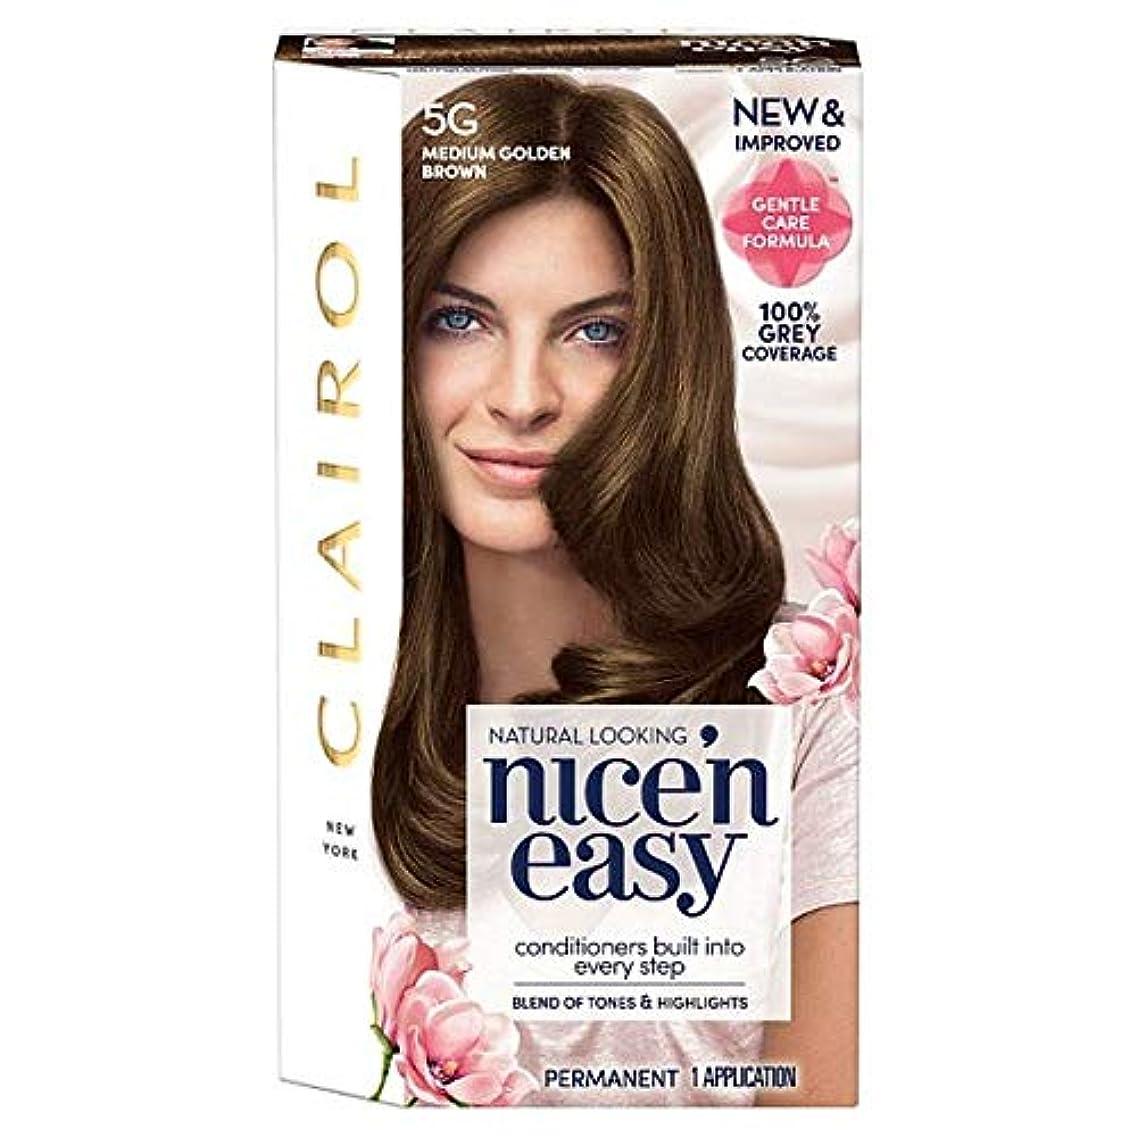 人物重要な役割を果たす、中心的な手段となる溶接[Nice'n Easy] クレイロール素敵な「N簡単媒質黄金色に5グラムの染毛剤 - Clairol Nice 'N Easy Medium Golden Brown 5G Hair Dye [並行輸入品]